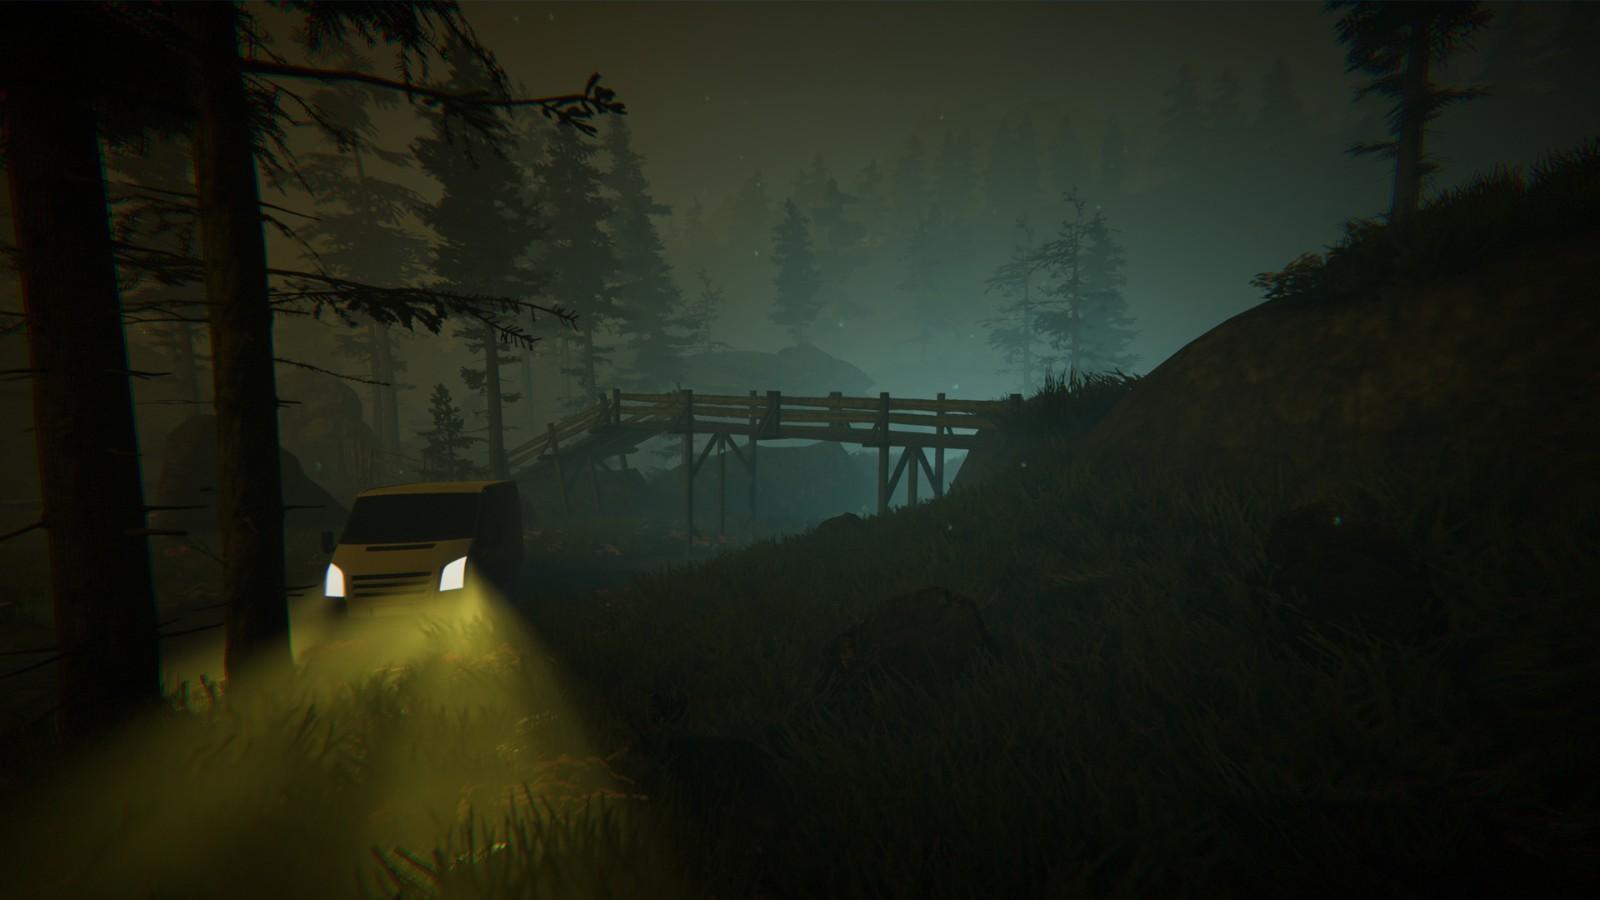 心理恐怖新作《莫里斯的心智》公布 登陆Steam和主机